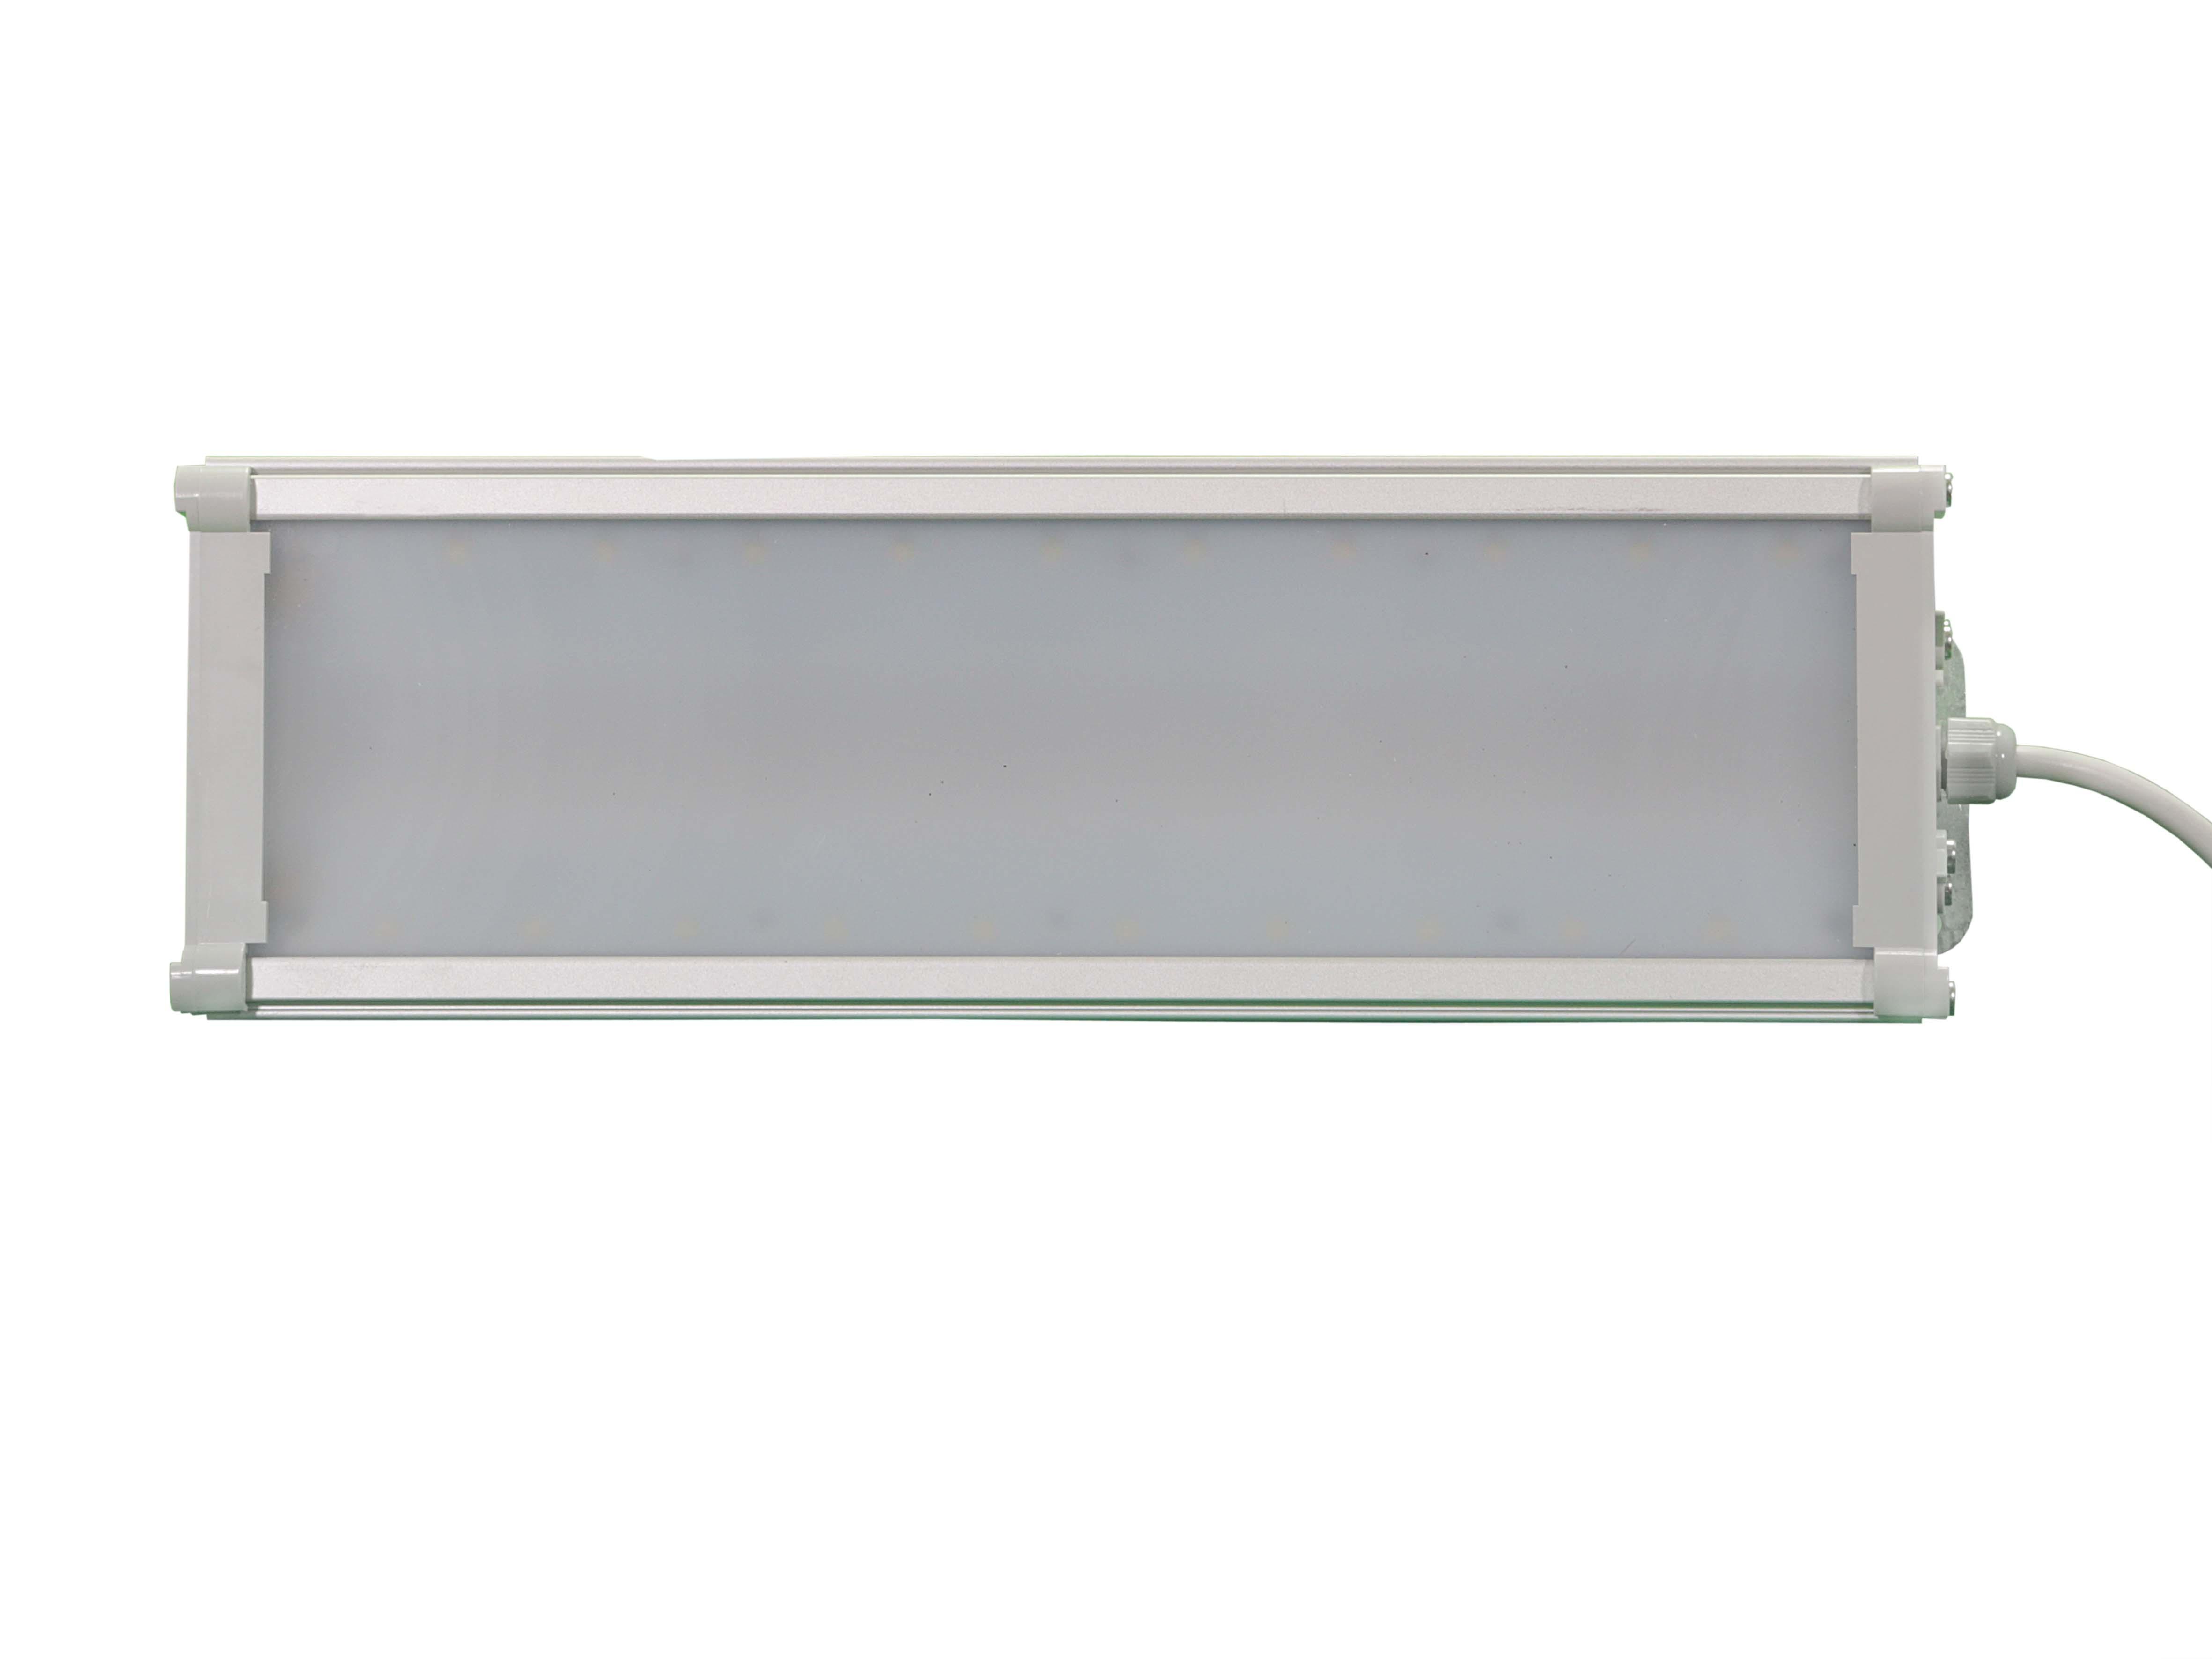 Офисный светодиодный светильник Айсберг Стандарт-30 30Вт 3424Лм